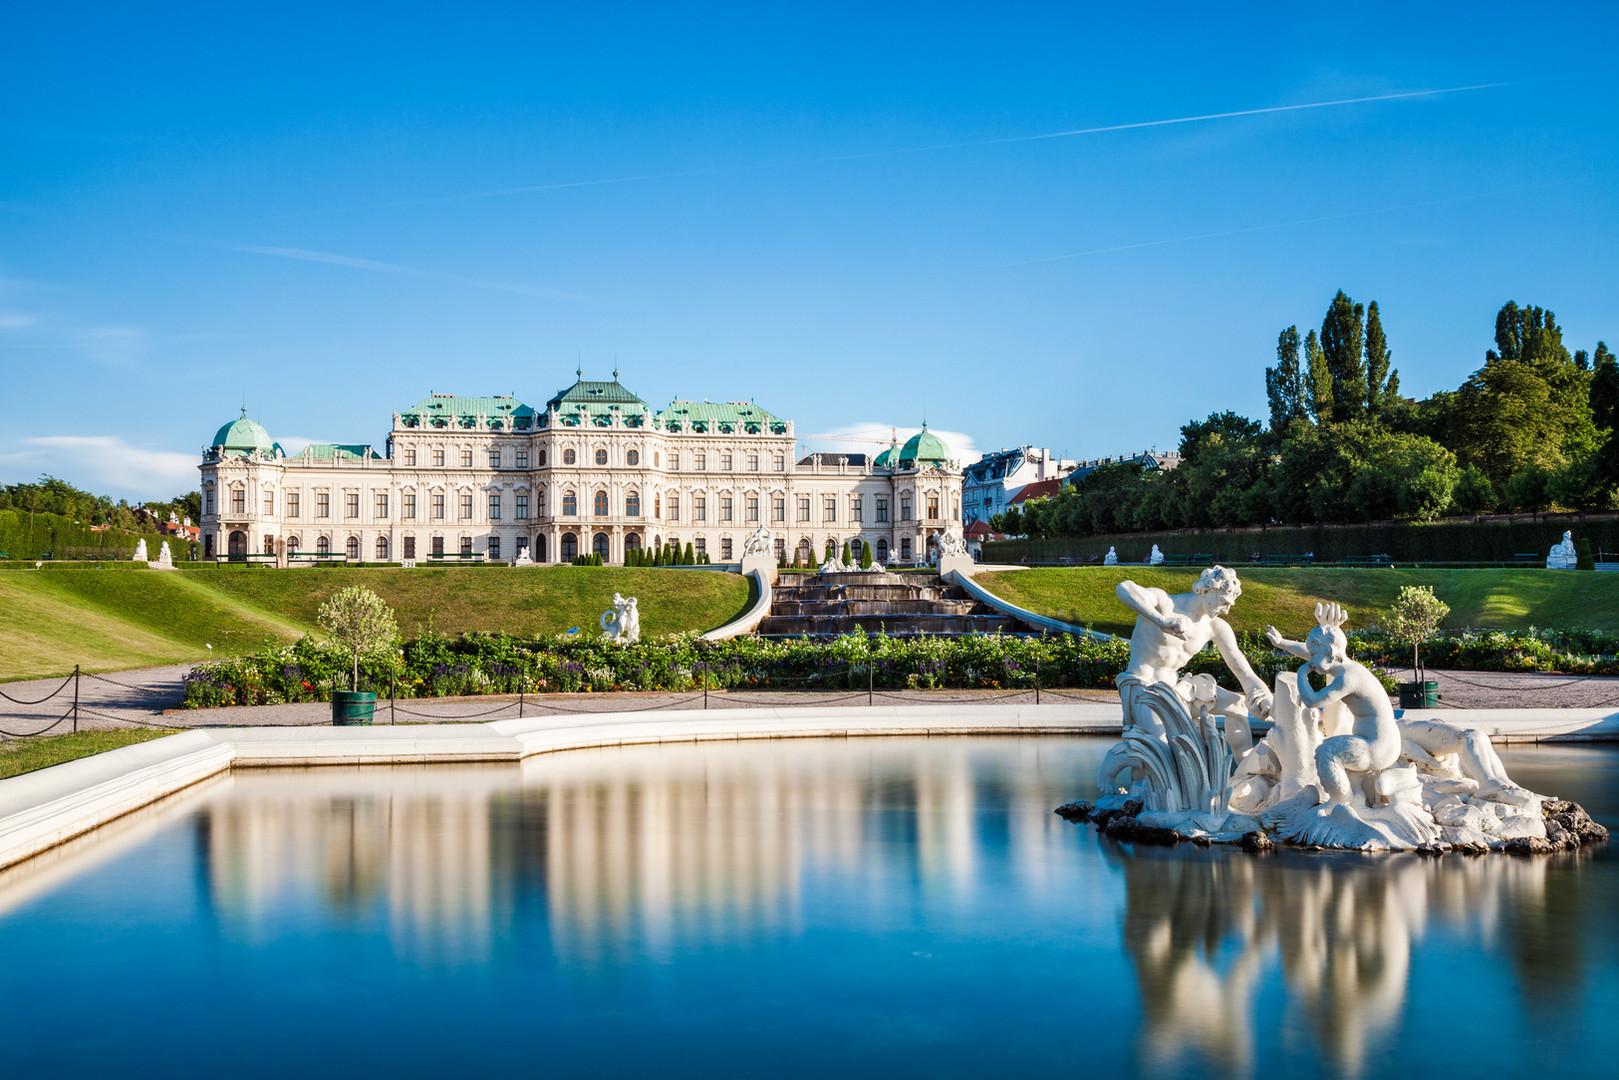 belvedere-palace-in-vienna-austria-PJNUW